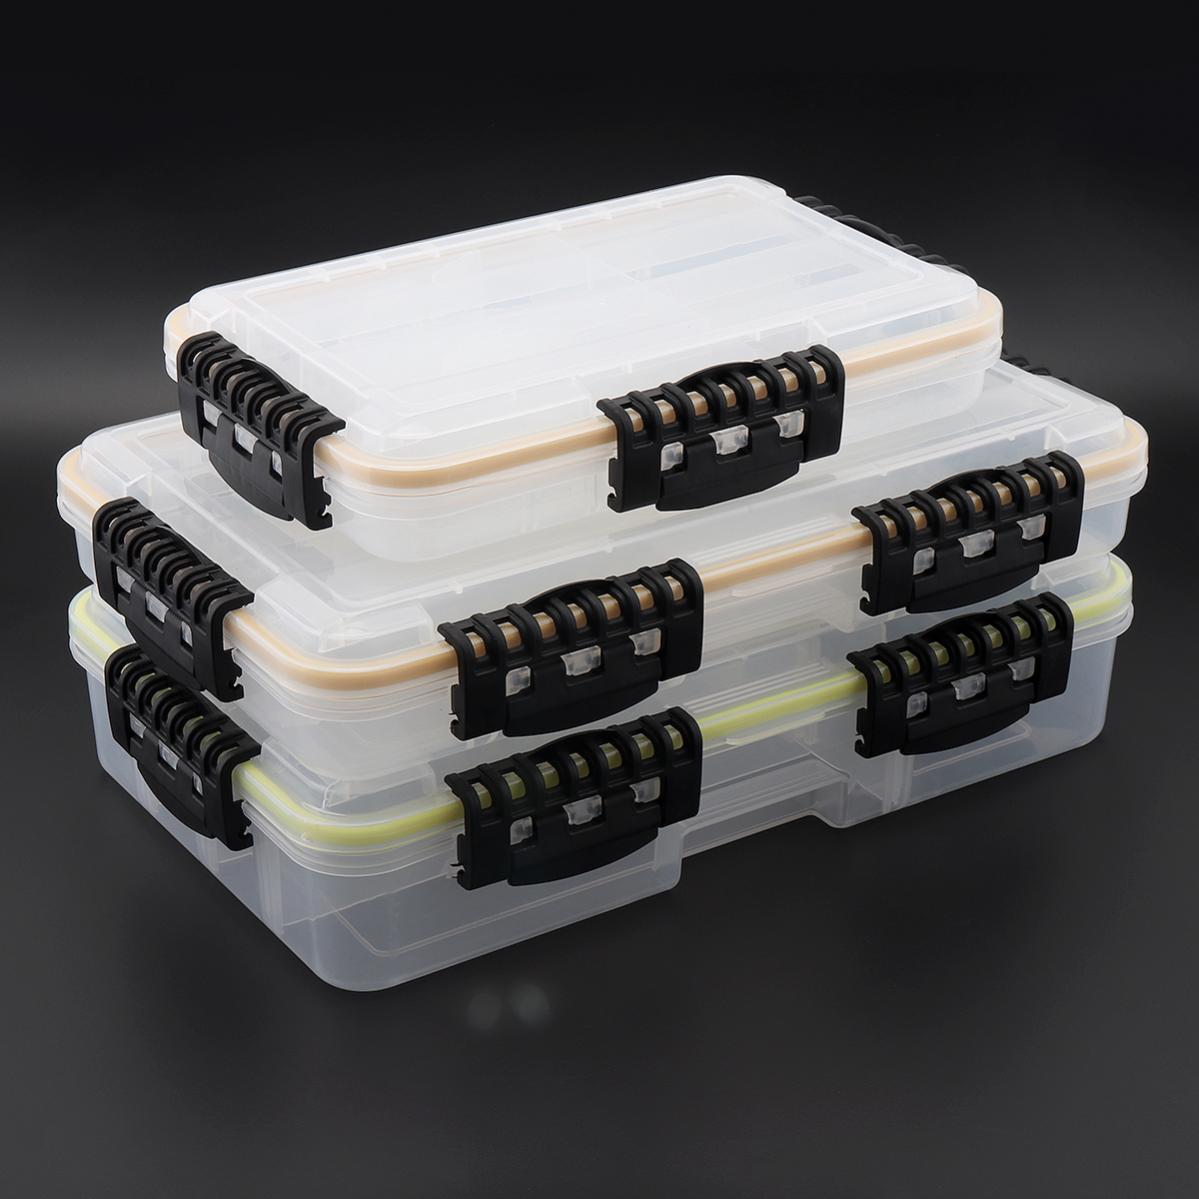 دائم سعة كبيرة مقاوم للماء صندوق معالجة الصيد خطاف الصيد إغراء وهمية الطعم اكسسوارات صندوق تخزين S متر L 3 حجم اختياري